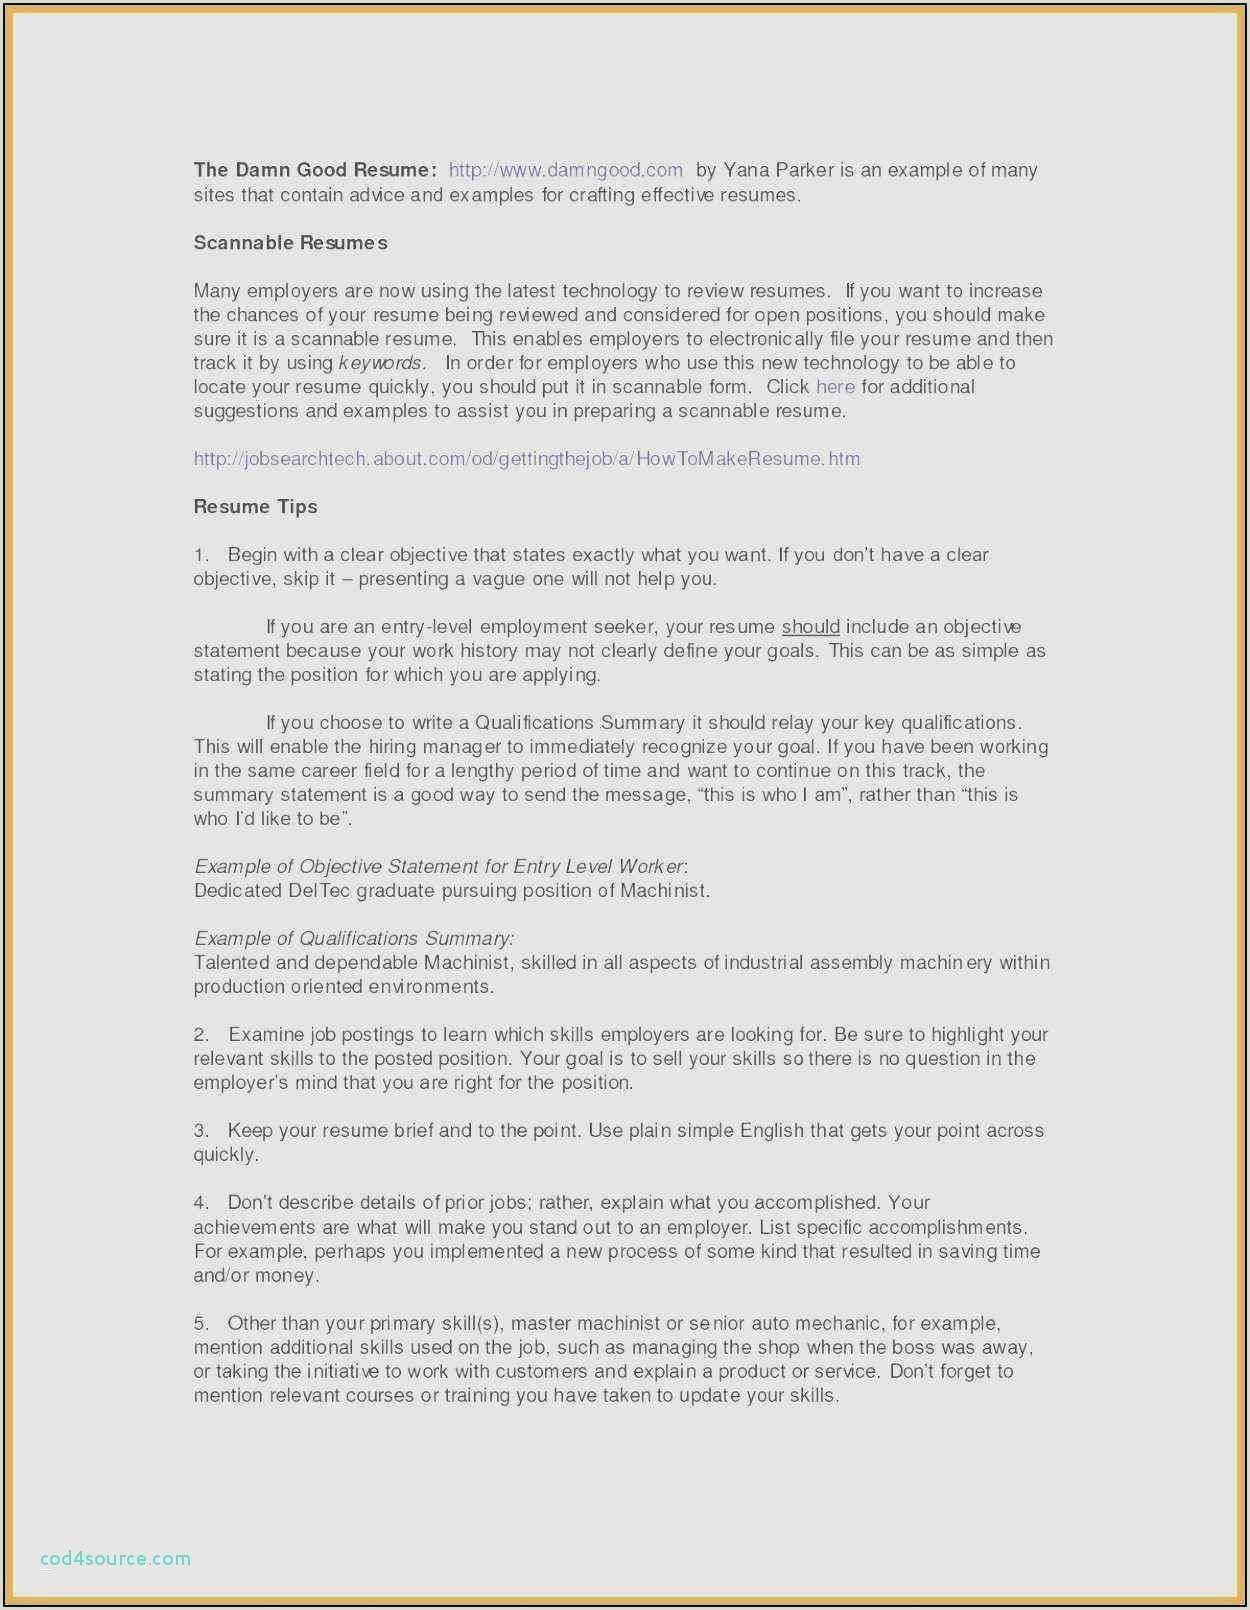 Pharmacist Resume Objective Sample Resume Samples for